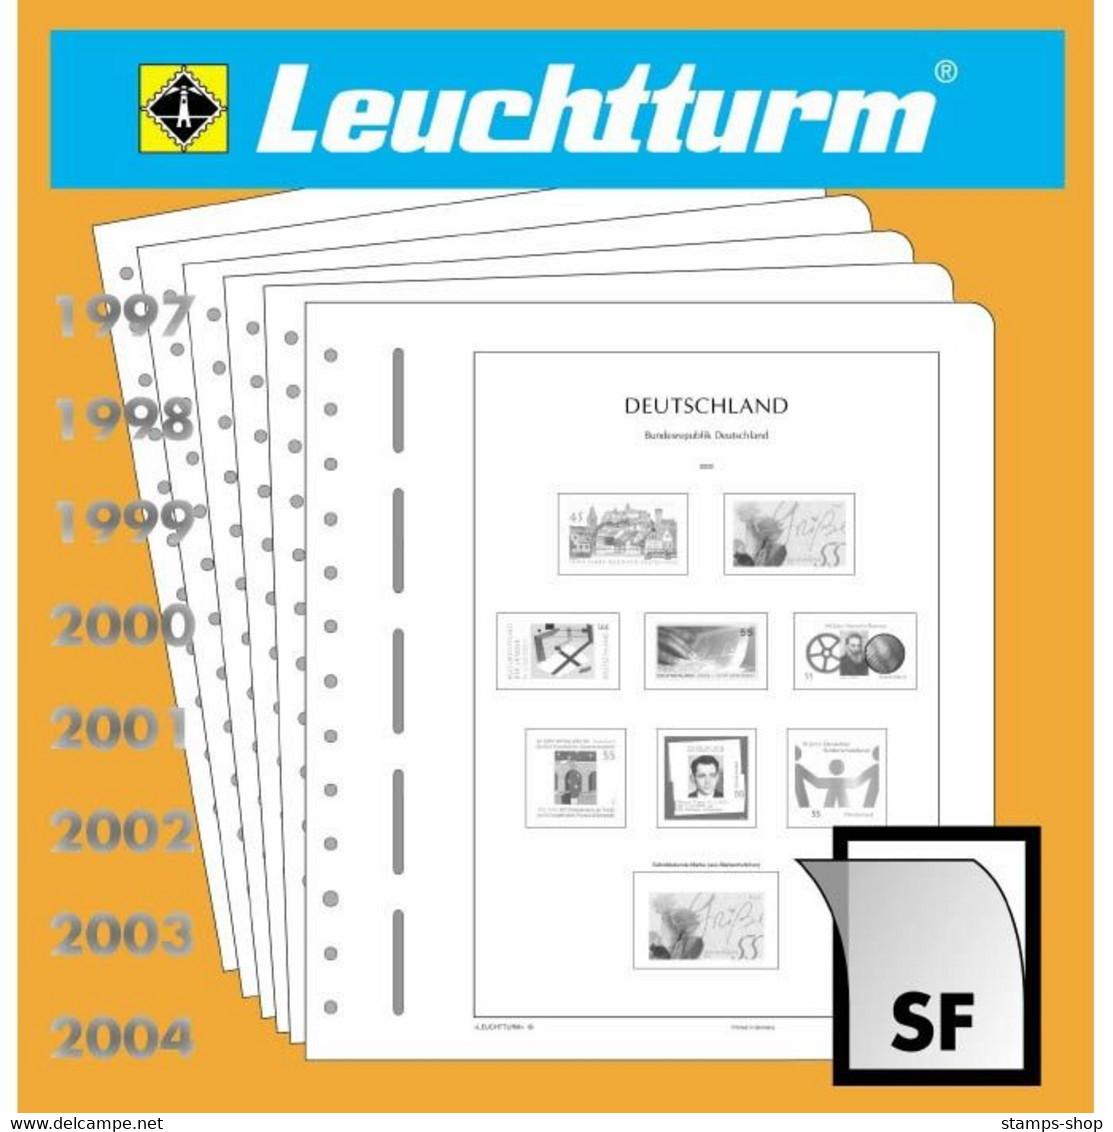 Leuchtturm Nachtrag Deutschland Gemeinschaftsausgaben 2007 SF Mit Taschen Neu - Pre-printed Pages